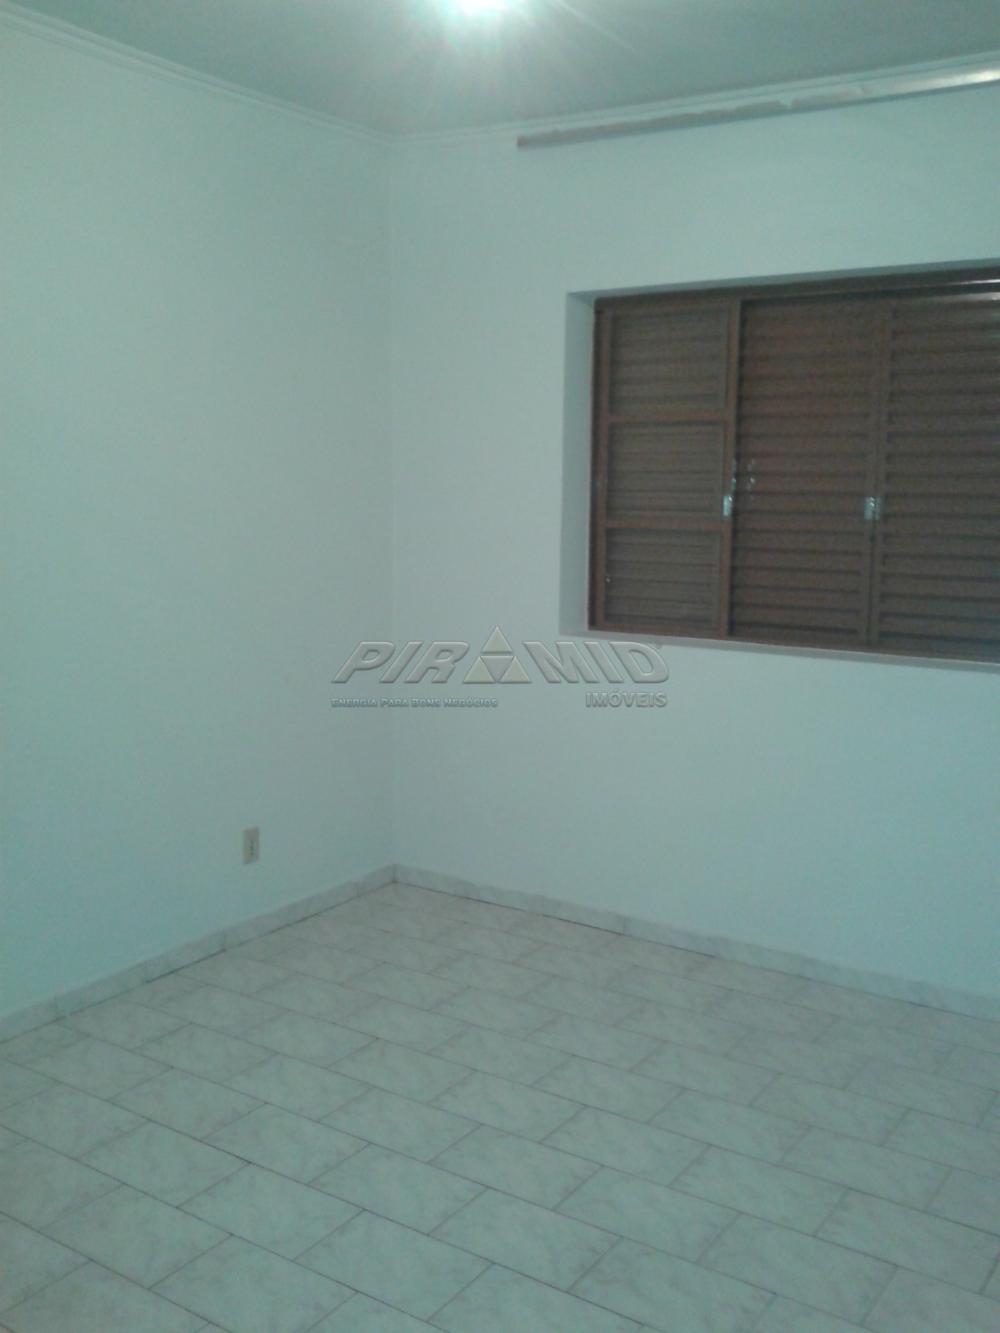 Alugar Casa / Padrão em Ribeirão Preto apenas R$ 950,00 - Foto 4